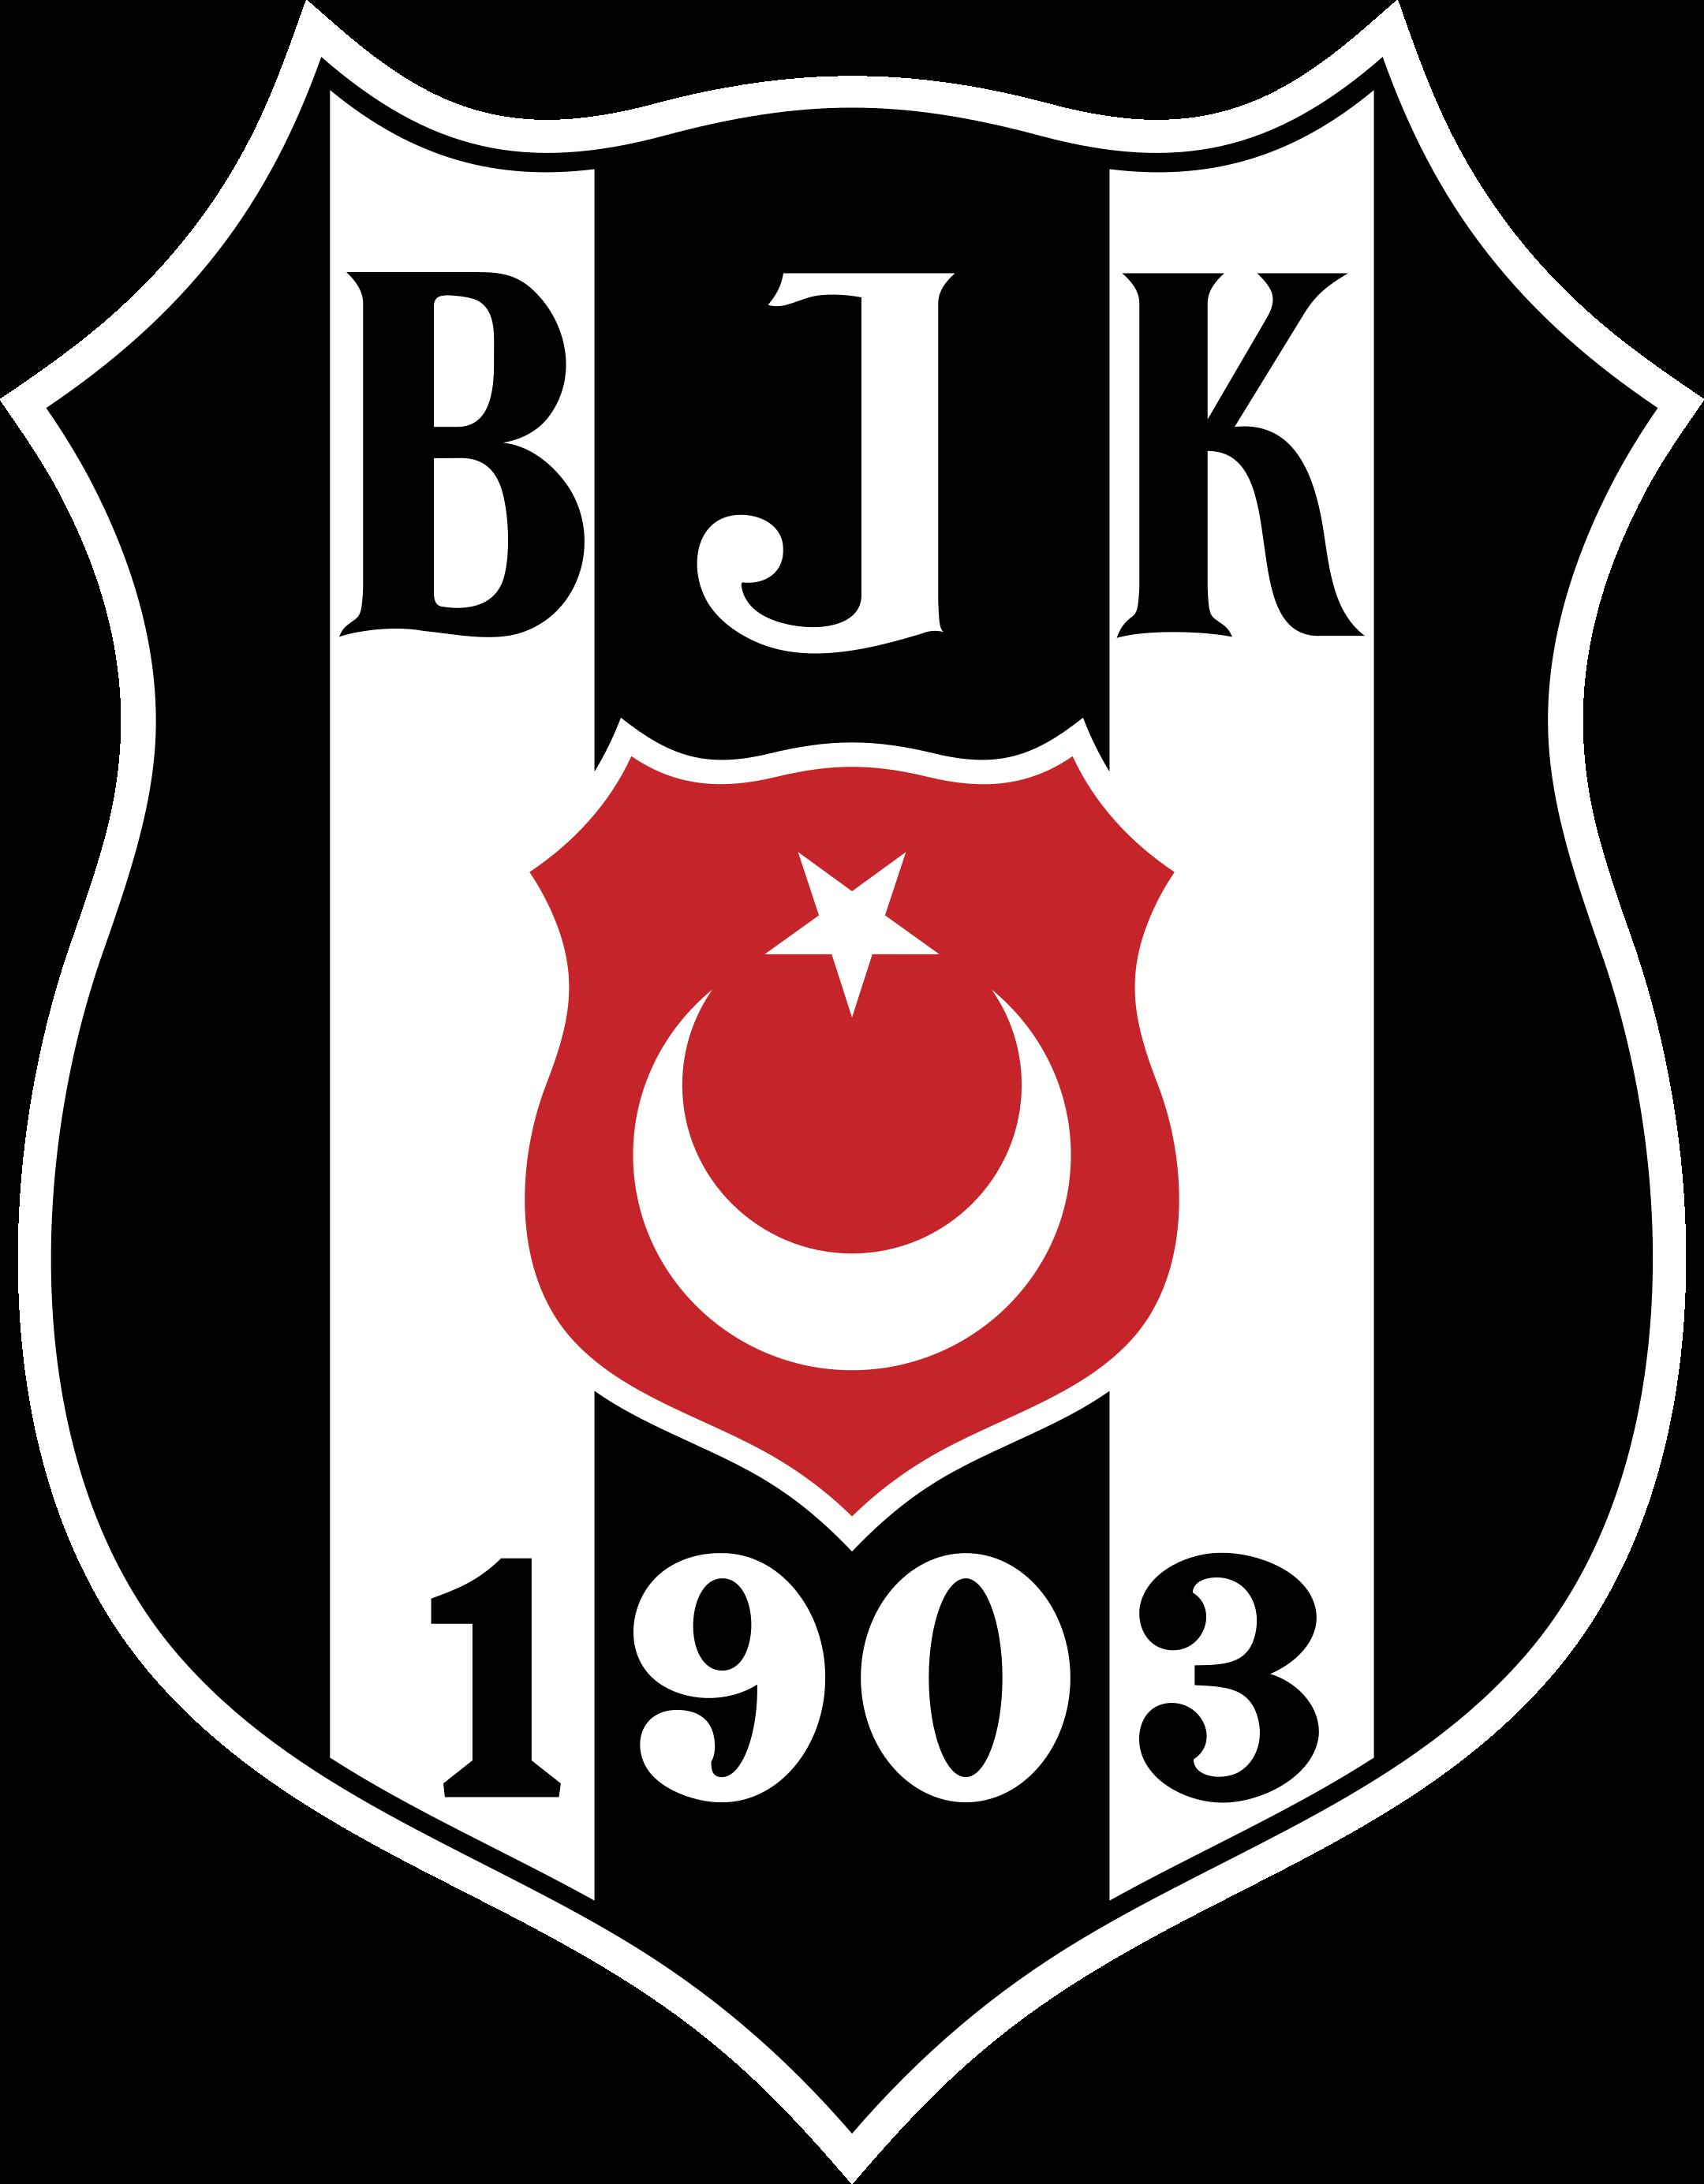 besiktas jk logo 1 - Besiktas JK Logo